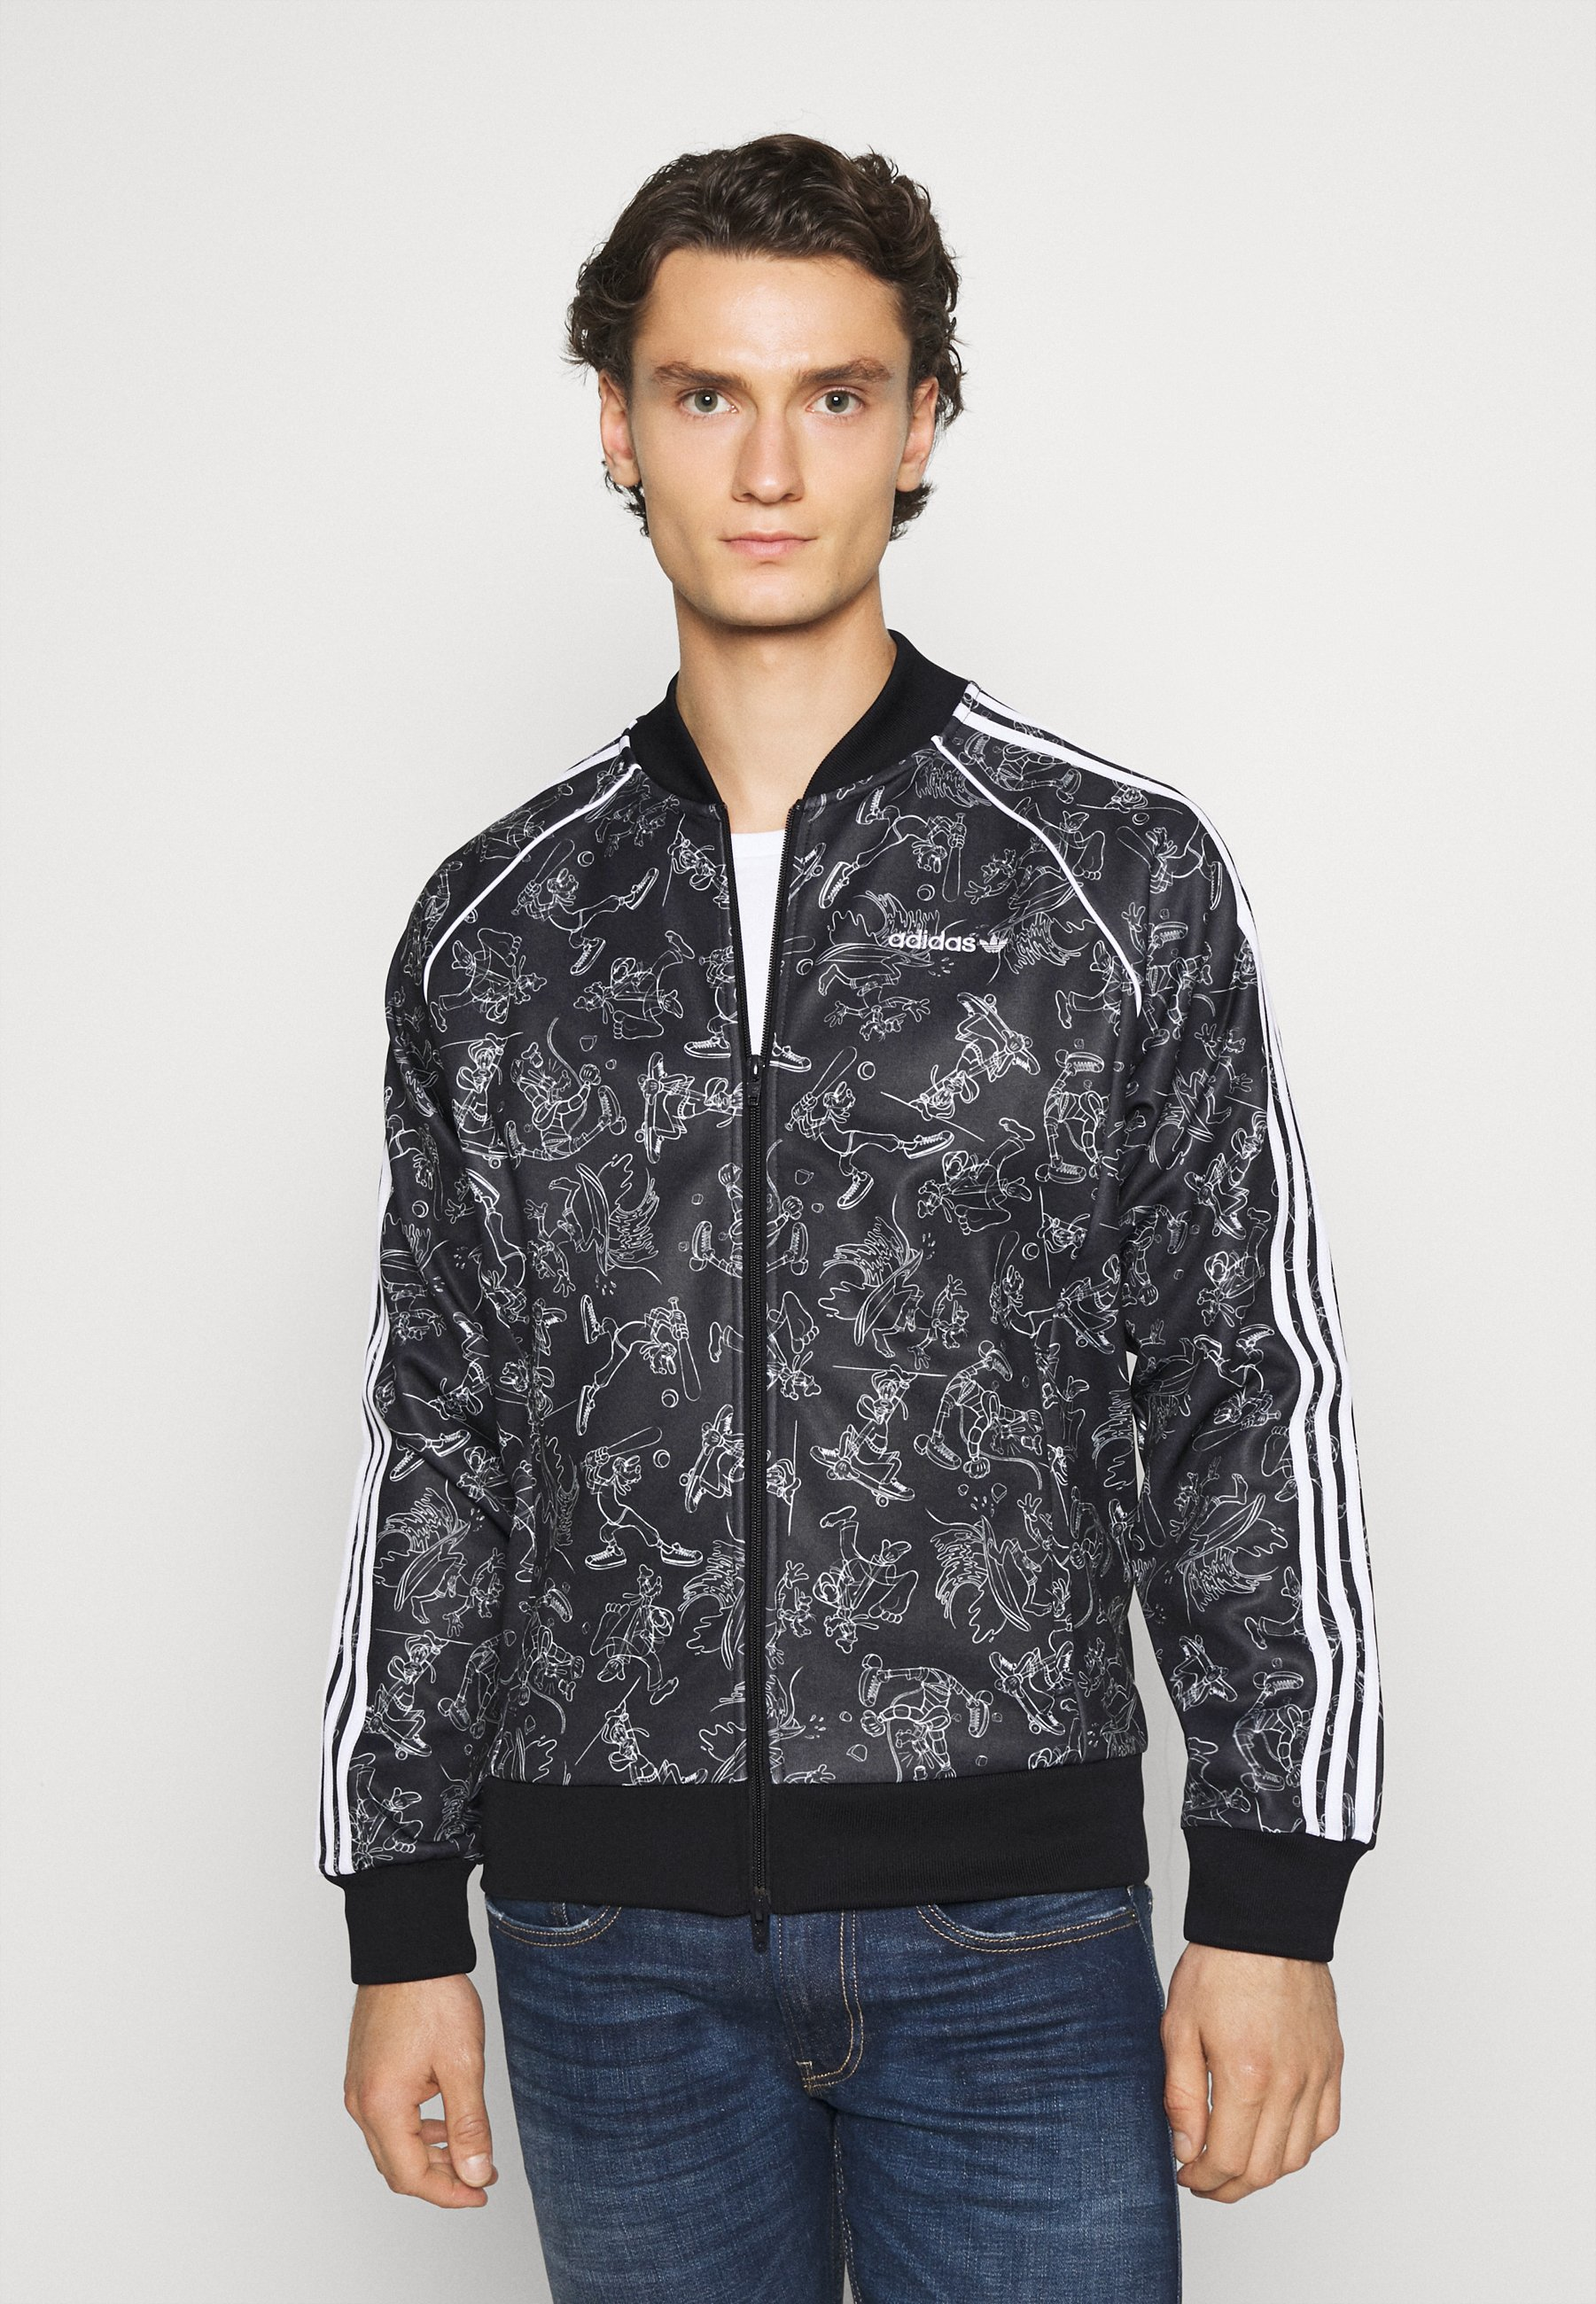 adidas x Disney Goofy SST Track Jacket (Black White) | HHV